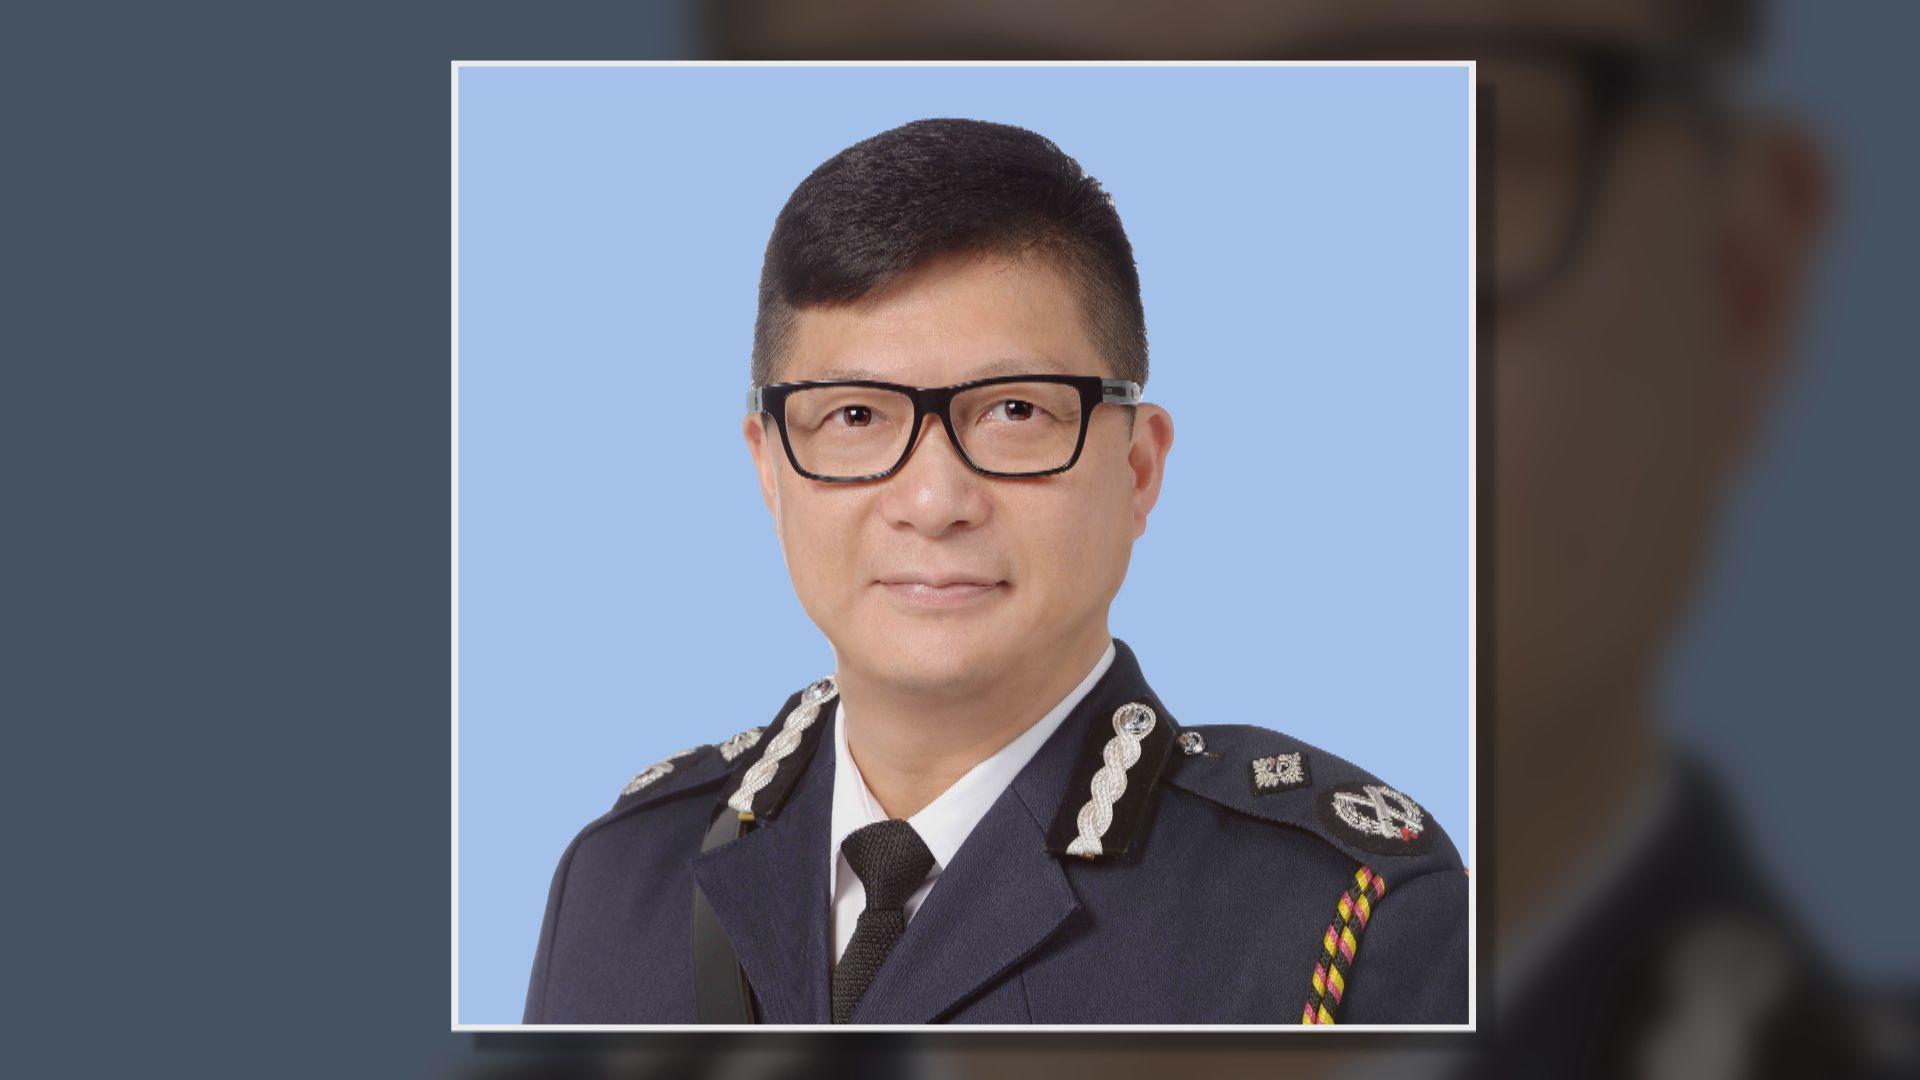 鄧炳強將接替劉業成出任警務處副處長